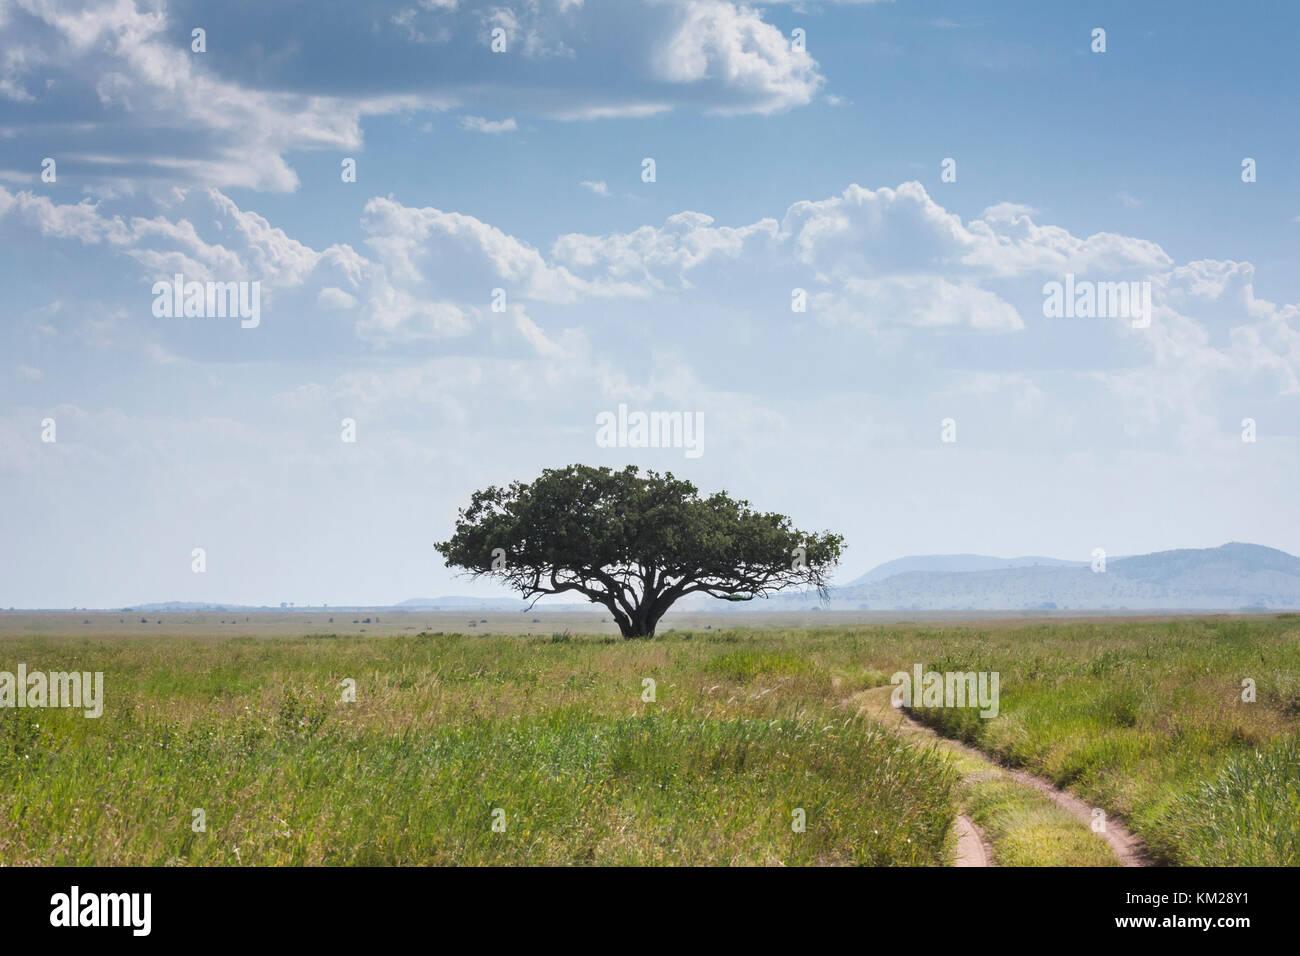 Acacia contro un cielo nuvoloso nel Serengeti, Tanzania Africa Immagini Stock